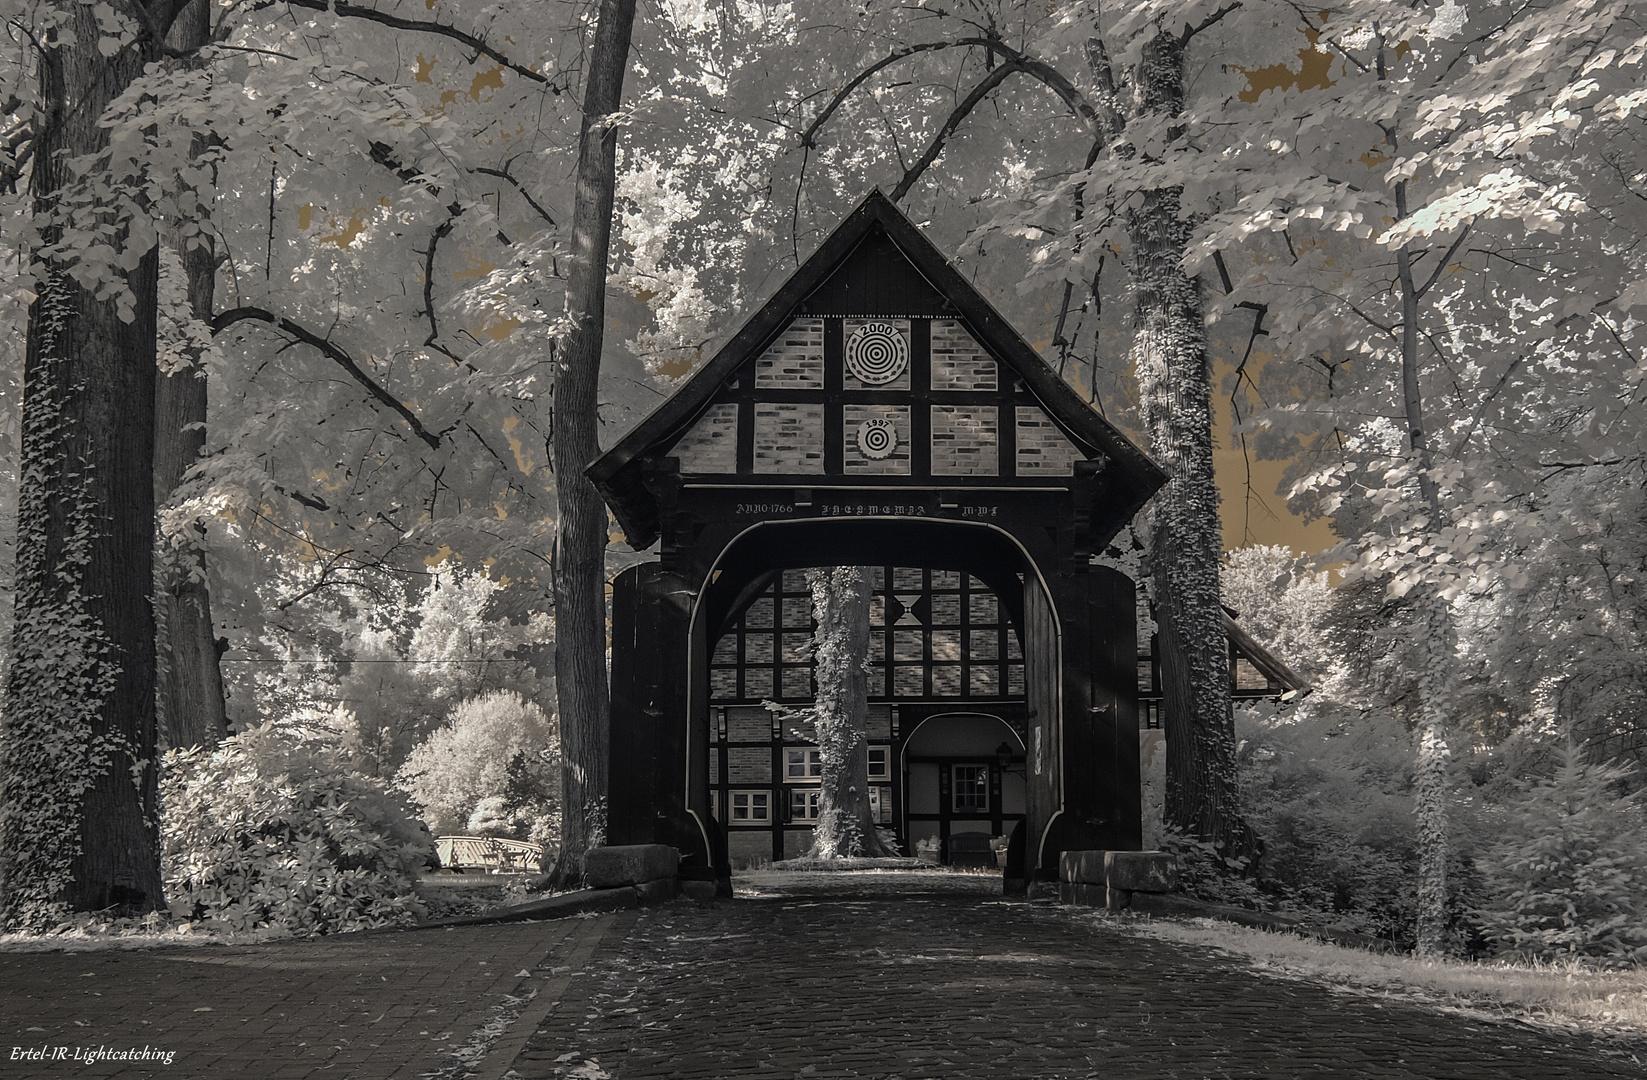 Das Tor zur infraroten Welt...